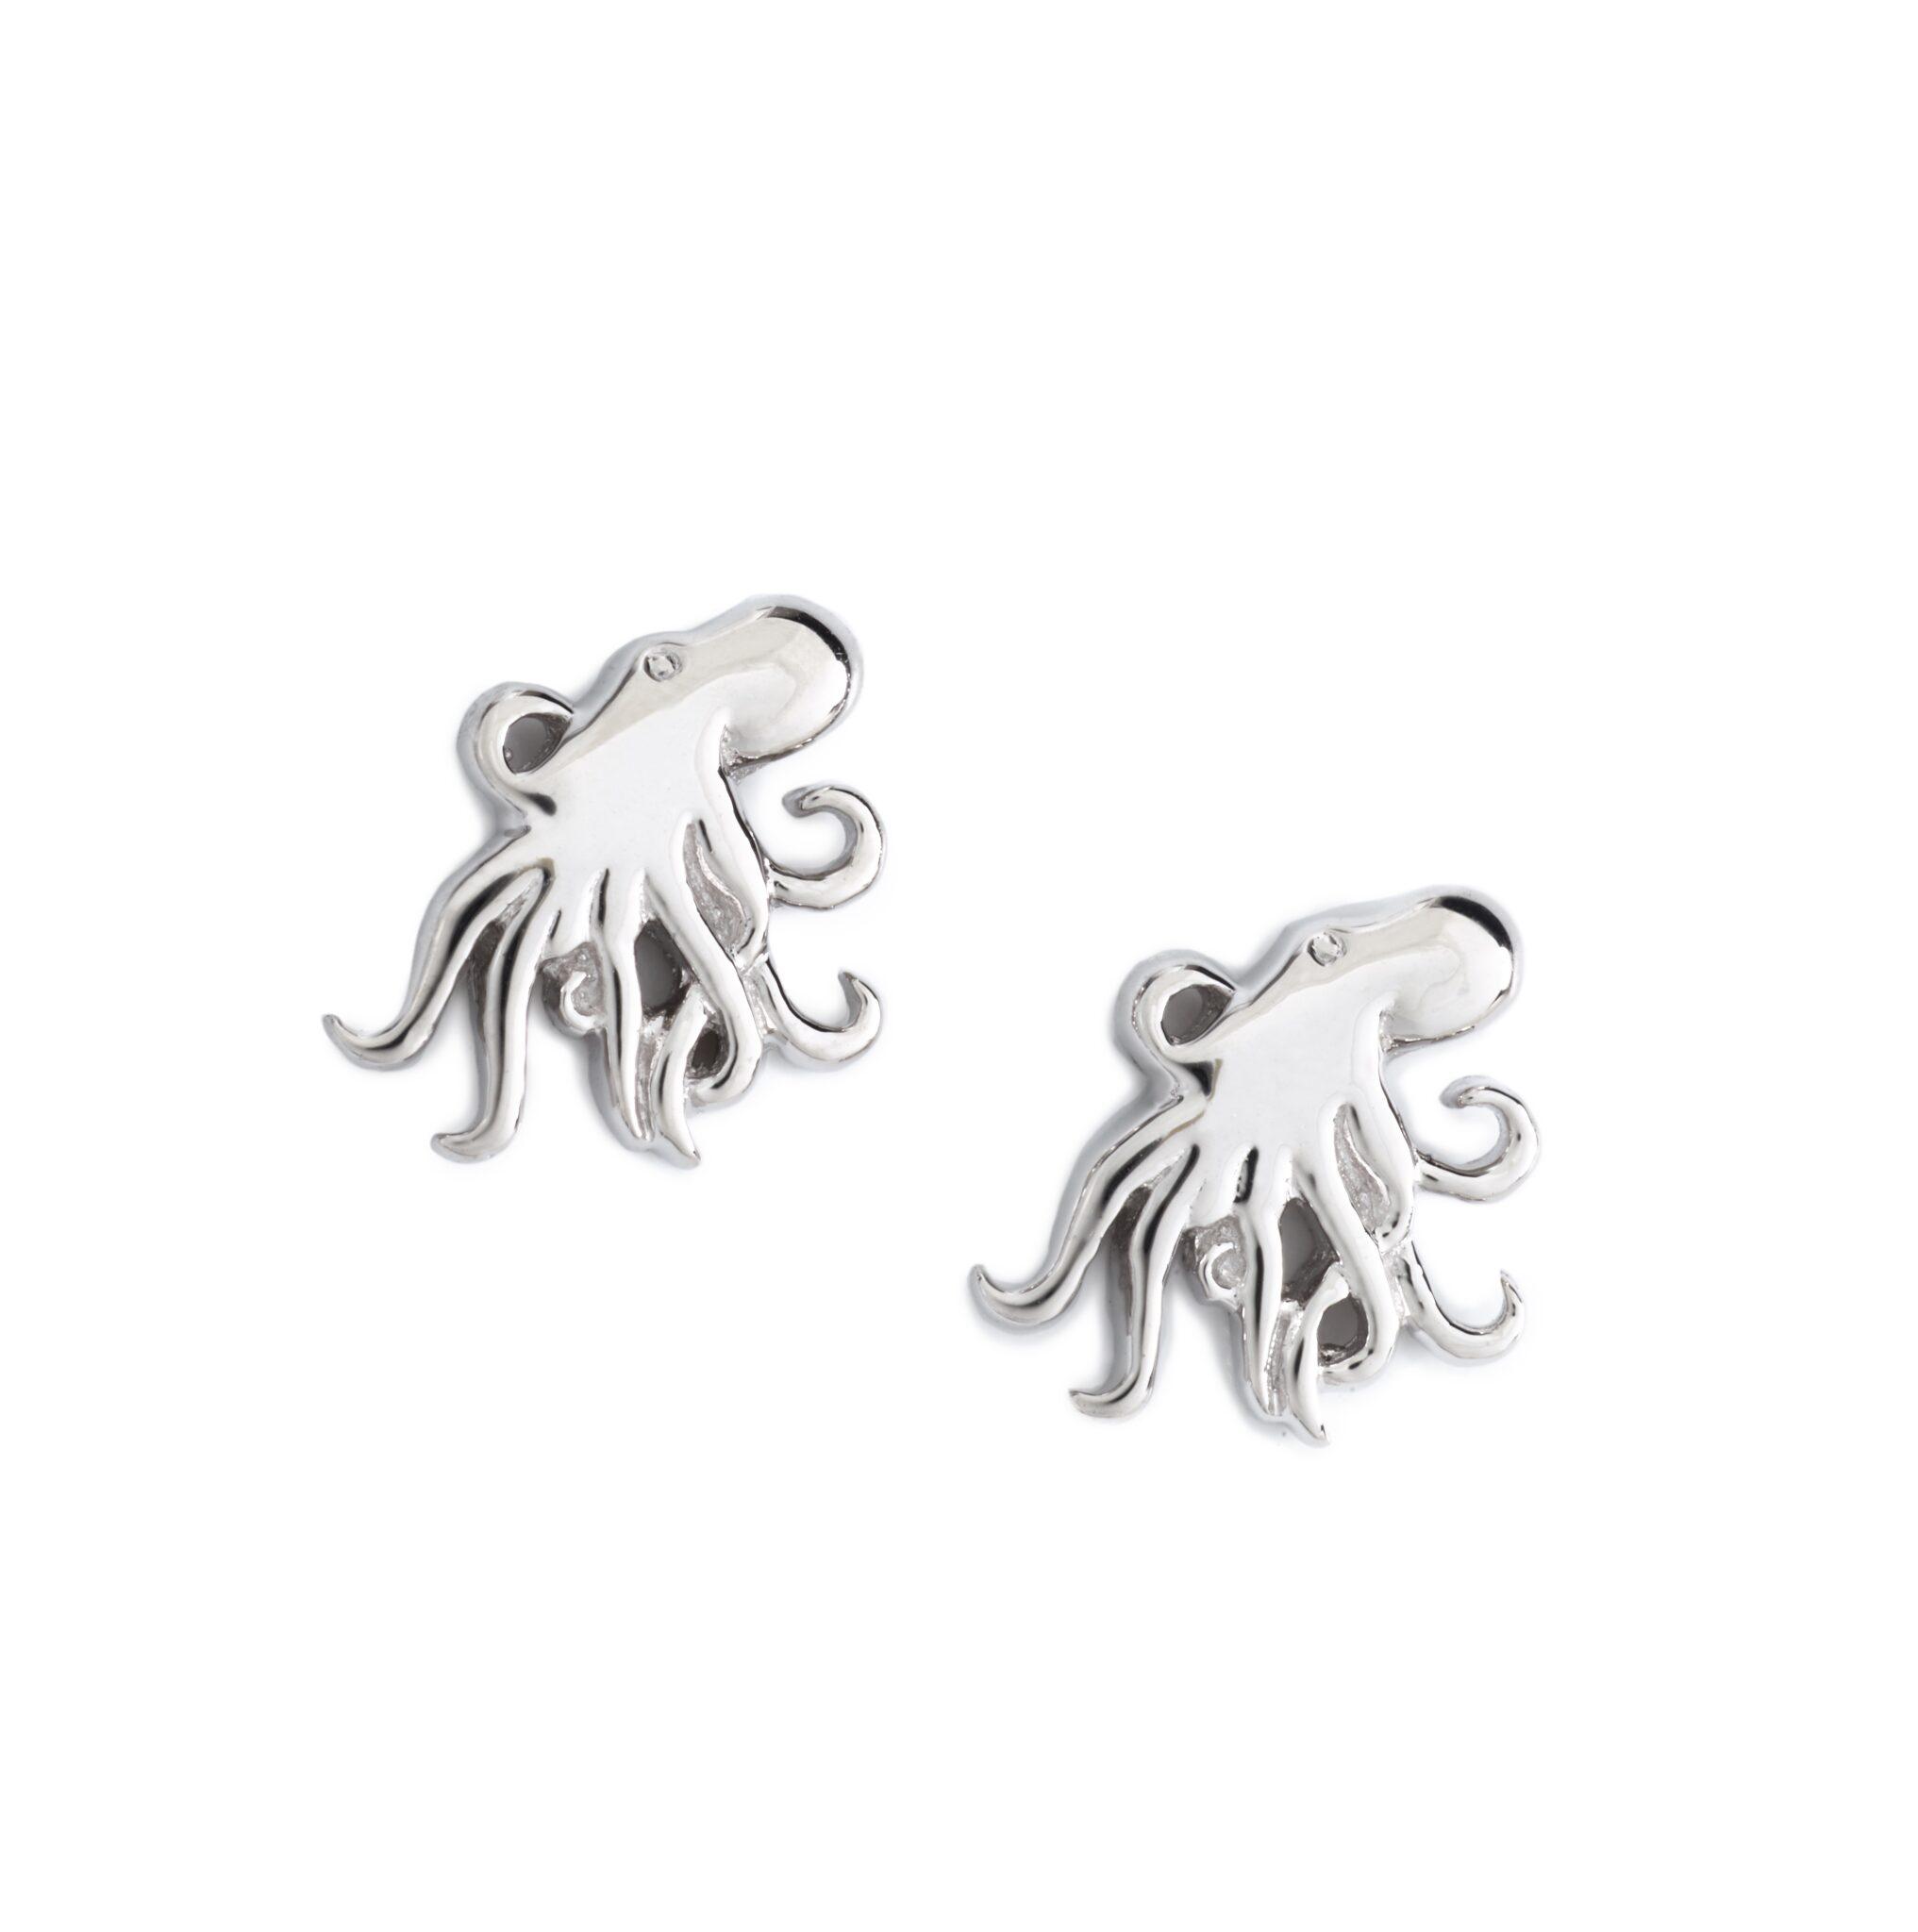 Octopus Earrings, Sterling Silver